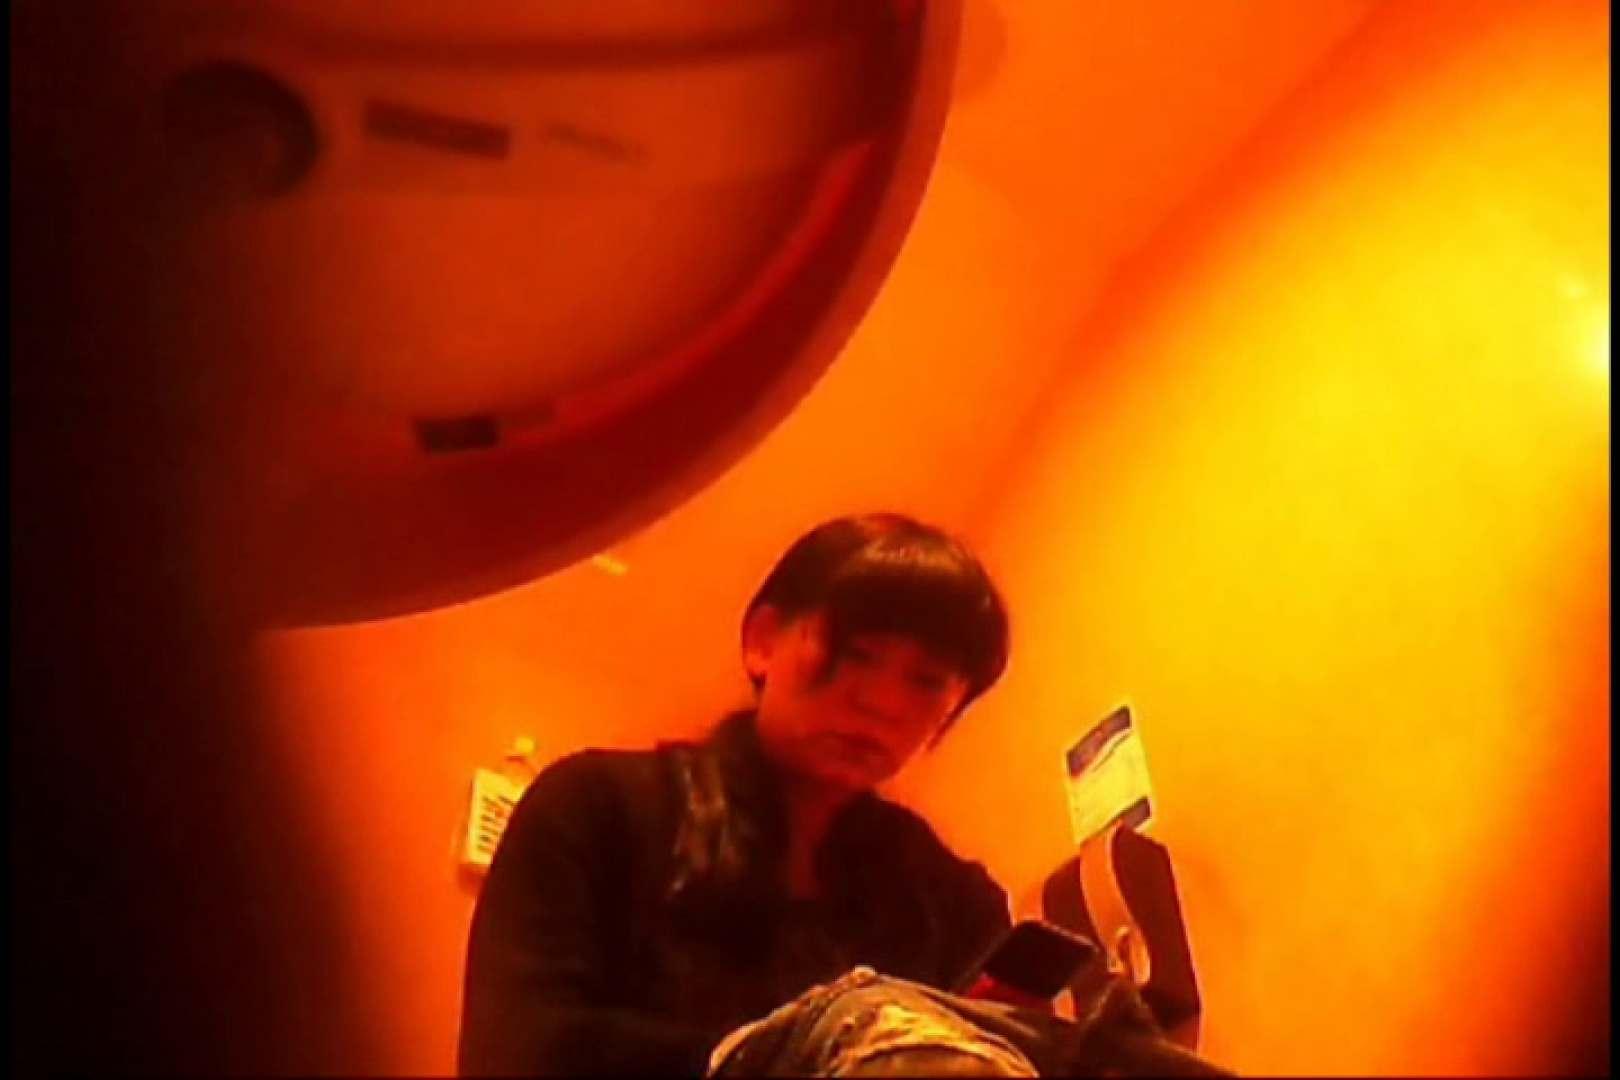 潜入!!女子化粧室盗撮~絶対見られたくない時間~vo,69 盗撮 | 熟女  98pic 61